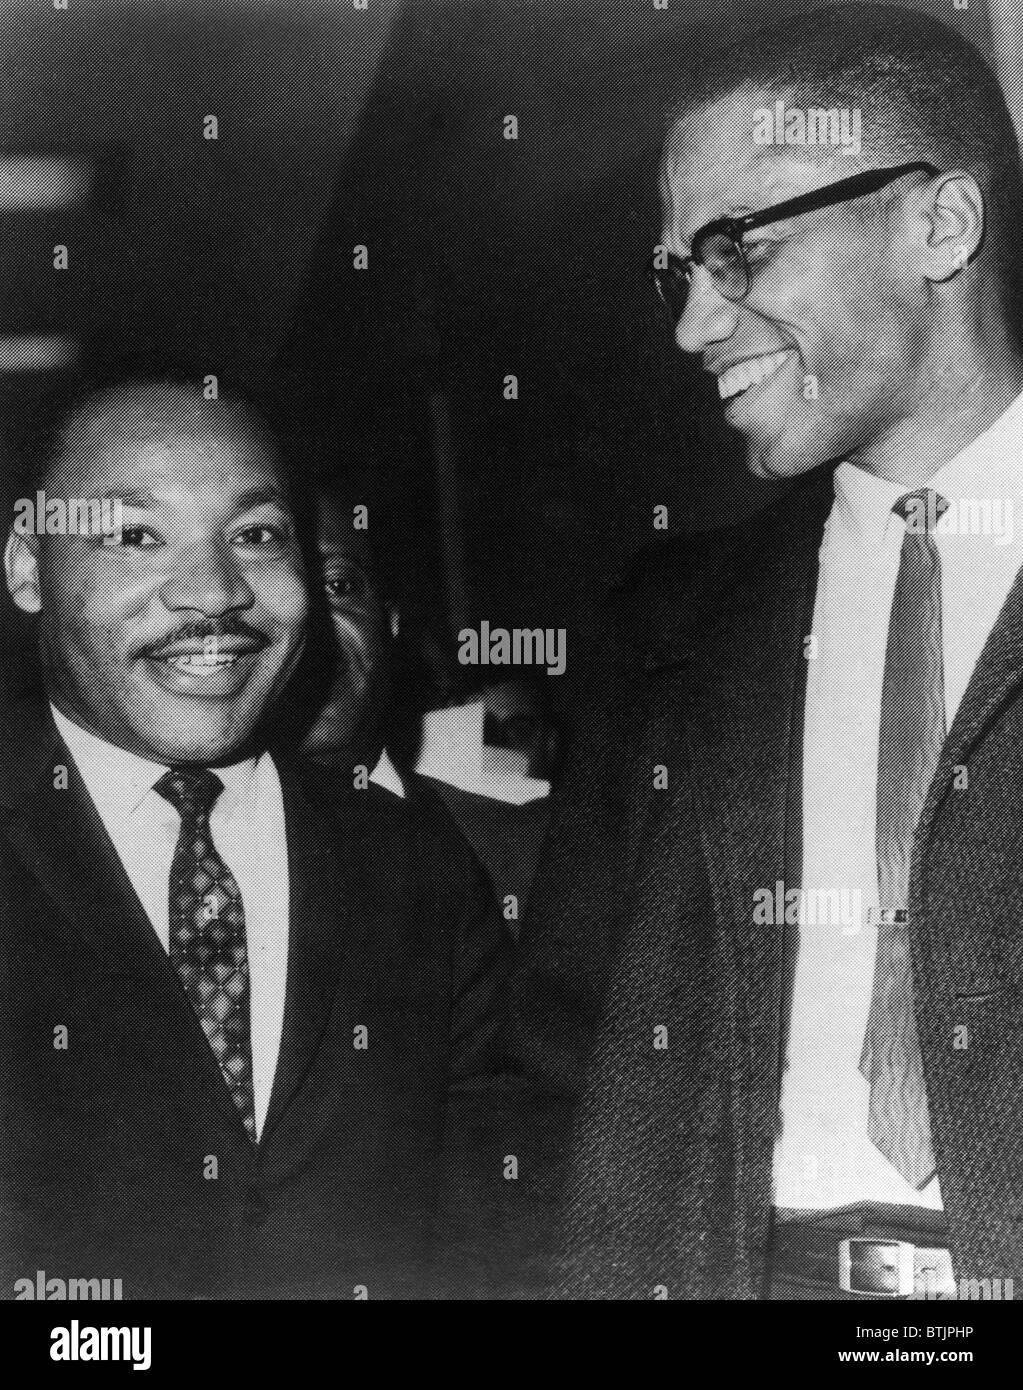 Martin Luther King Jr., e Malcolm X, circa. 1964. Archivi CSU/cortesia Everett Collection Foto Stock